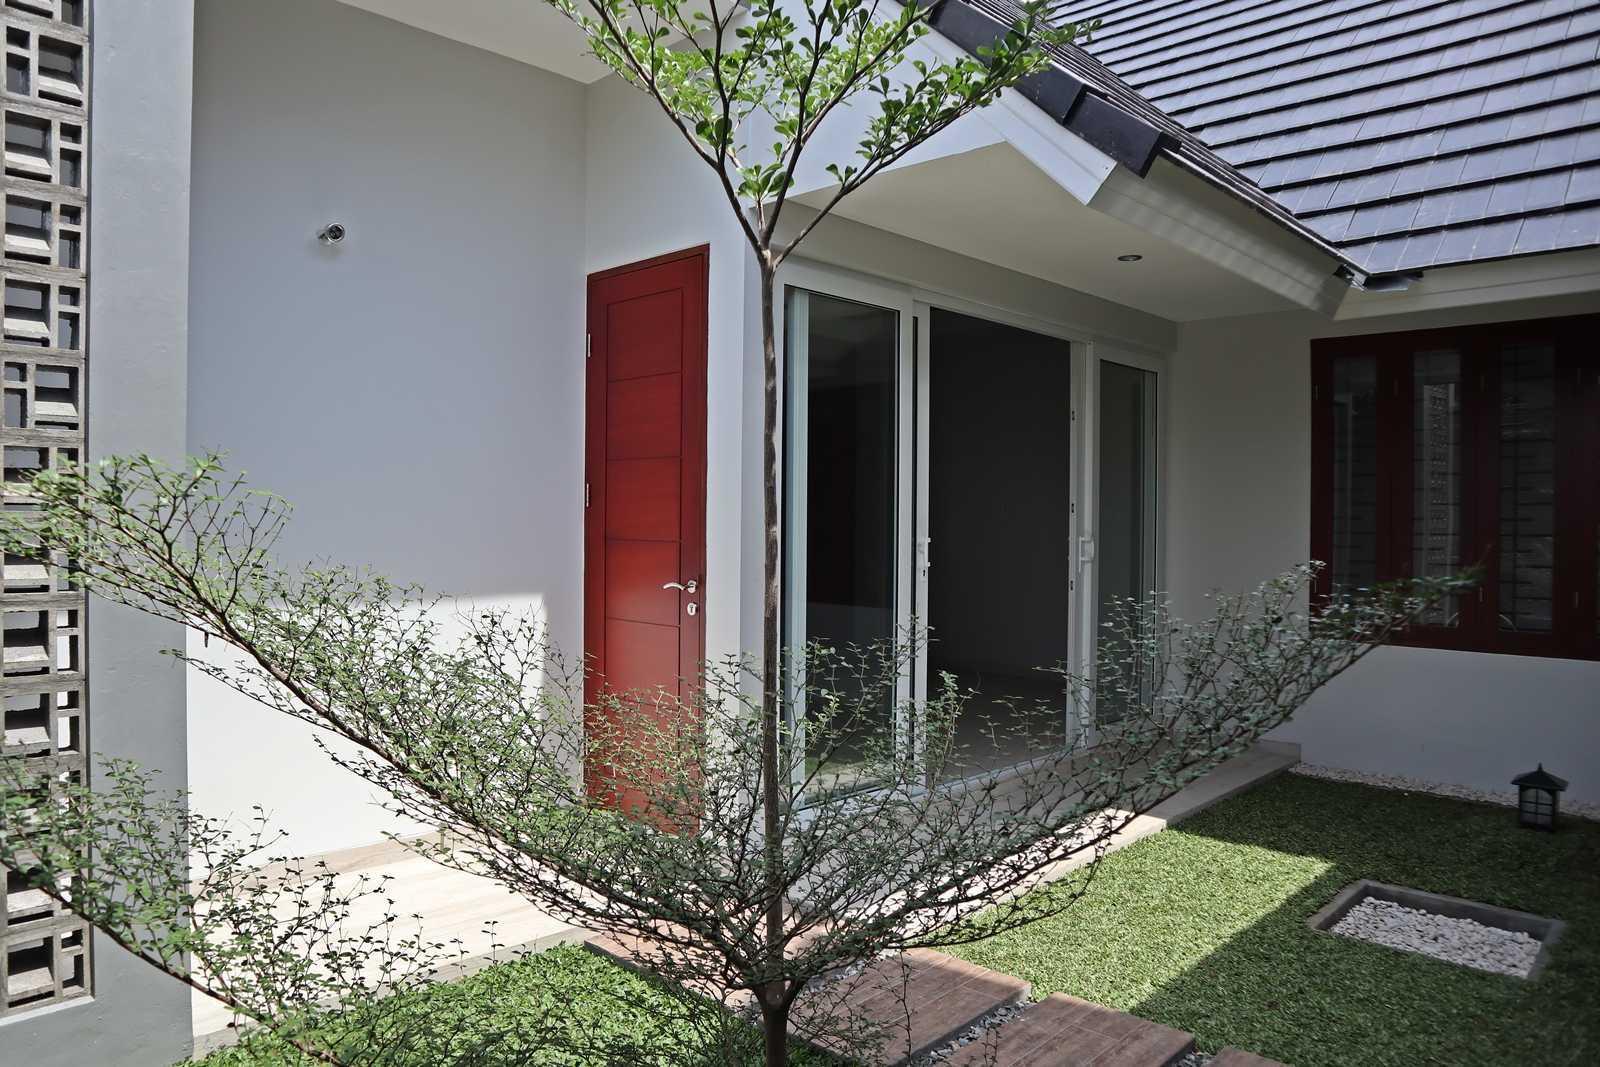 Bd Studio Ss Villa House Medan, Kota Medan, Sumatera Utara, Indonesia Medan, Kota Medan, Sumatera Utara, Indonesia Bd-Studio-Ss-Villa-House   74093